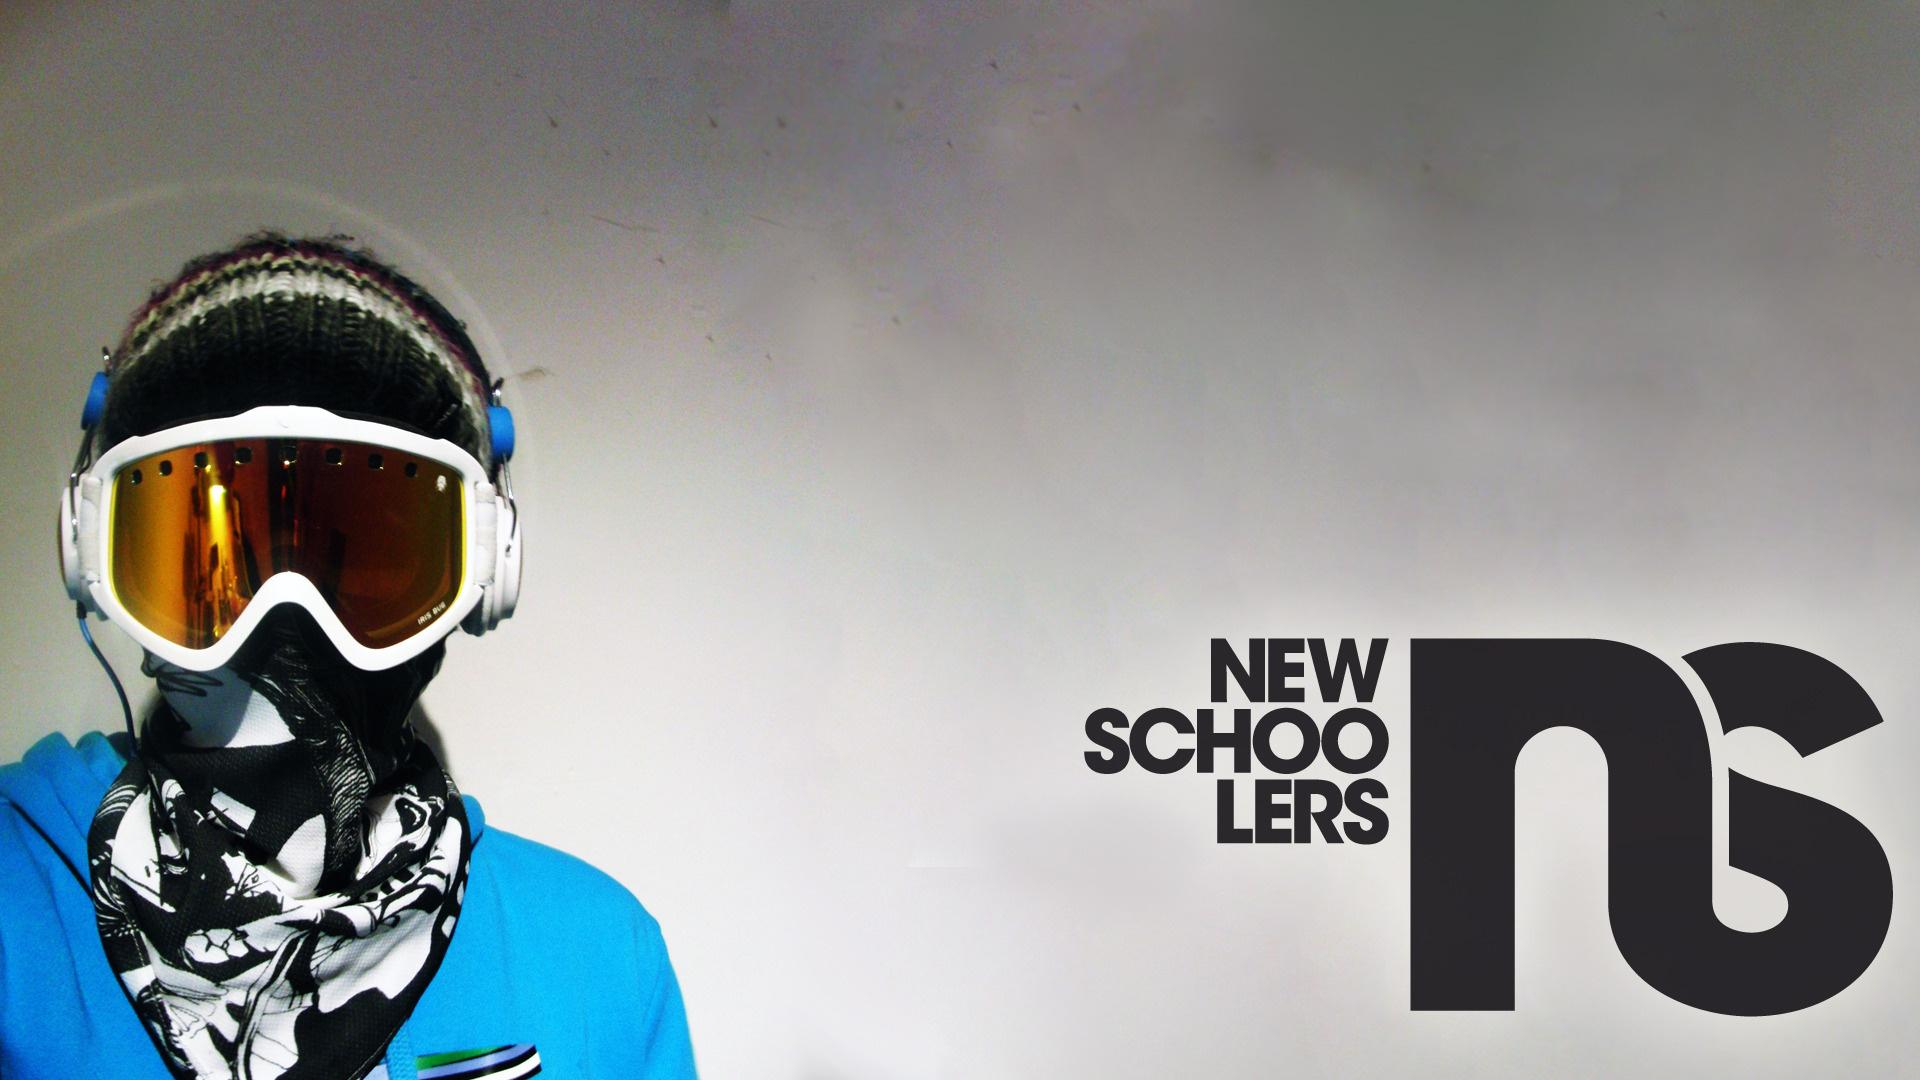 лыжная маска, сноуборд, скачать обои для рабочего стола, snowboard wallpaper